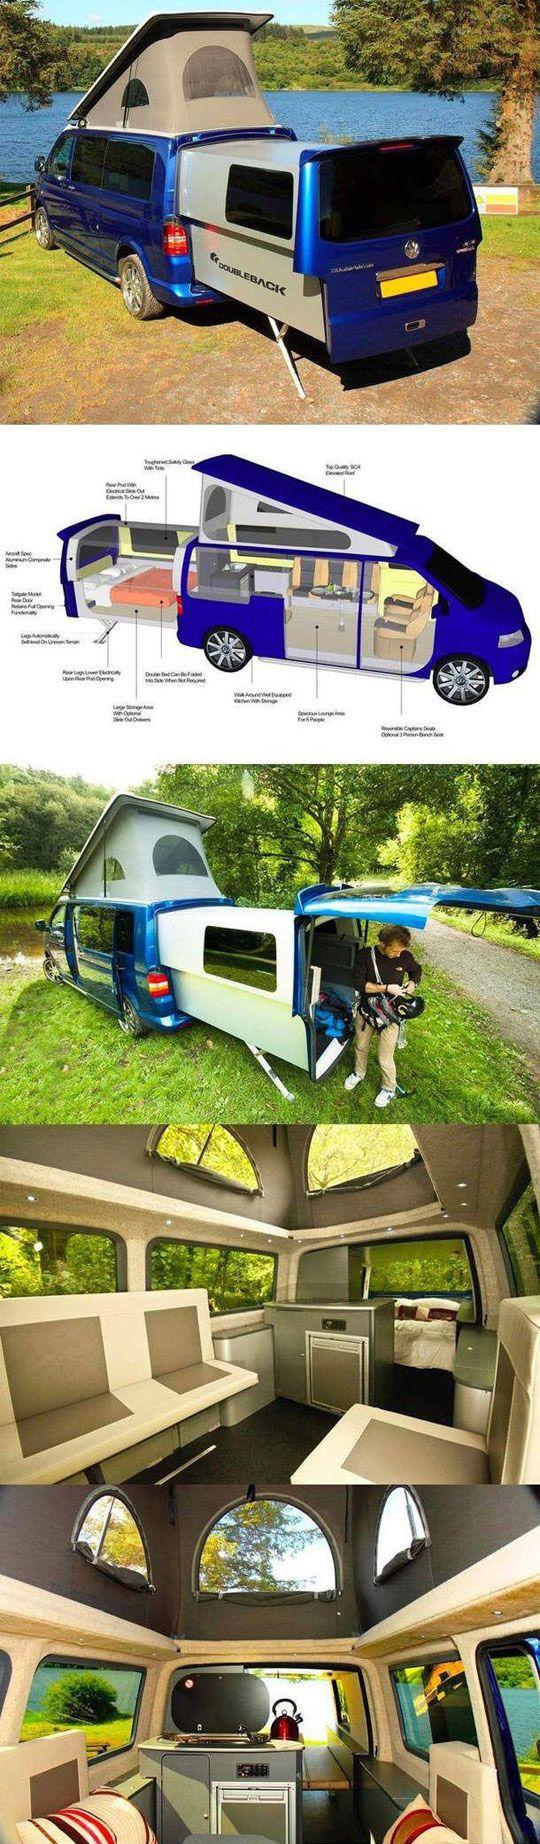 http://www.5mnaperdre.fr/wp-content/uploads/2014/10/van-campeurs.jpg